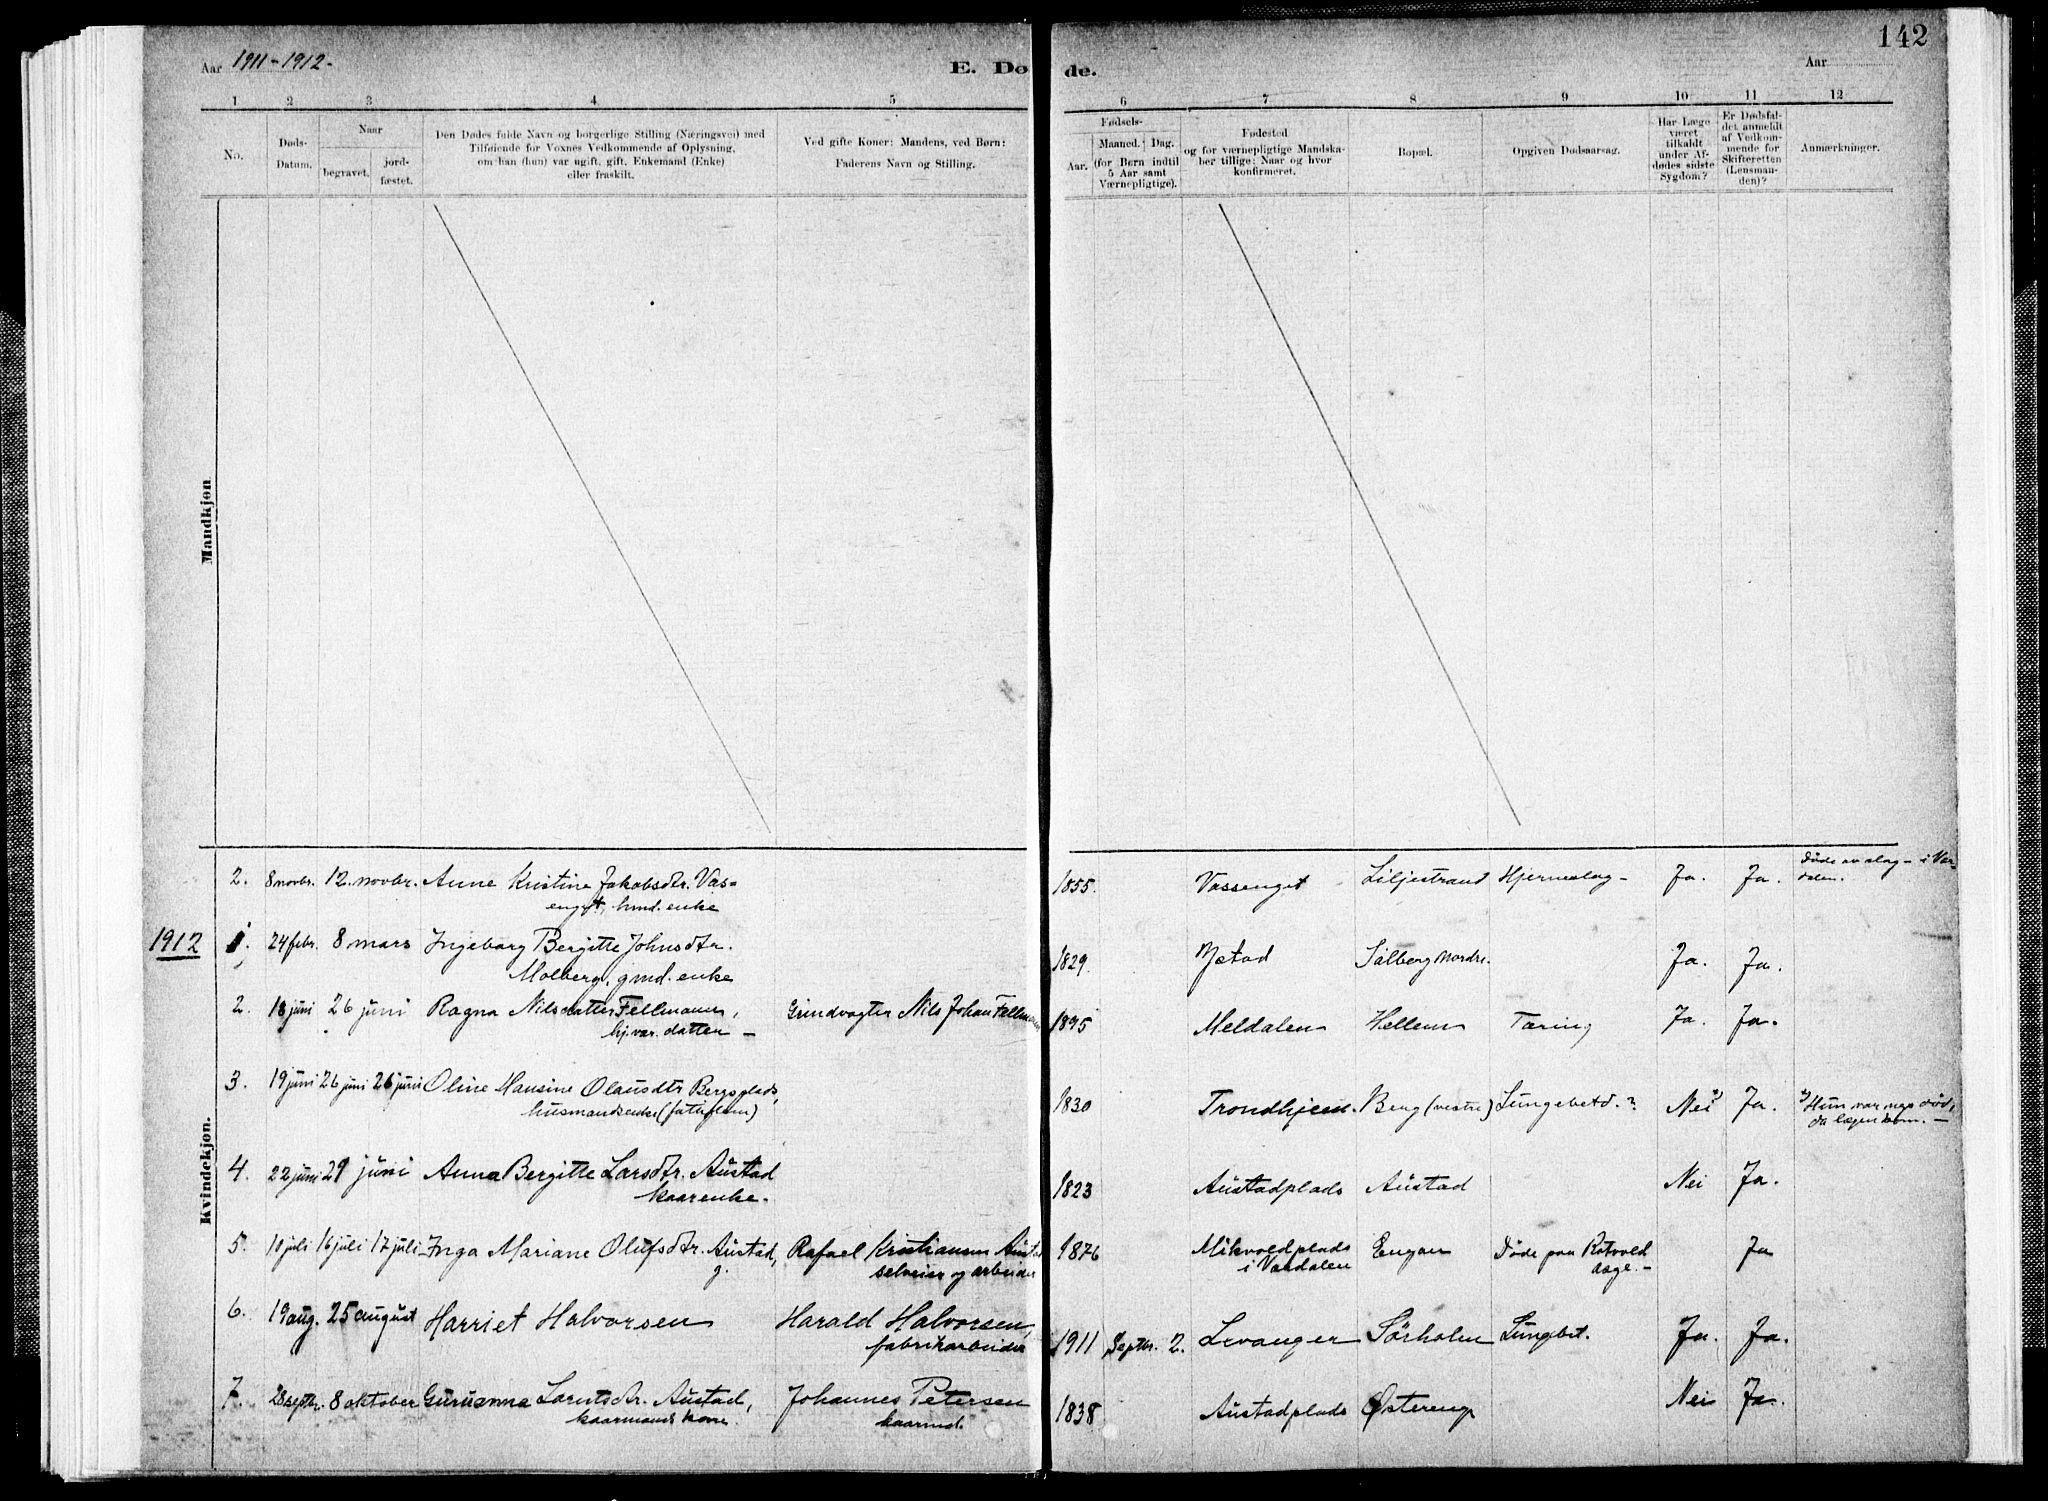 SAT, Ministerialprotokoller, klokkerbøker og fødselsregistre - Nord-Trøndelag, 731/L0309: Ministerialbok nr. 731A01, 1879-1918, s. 142